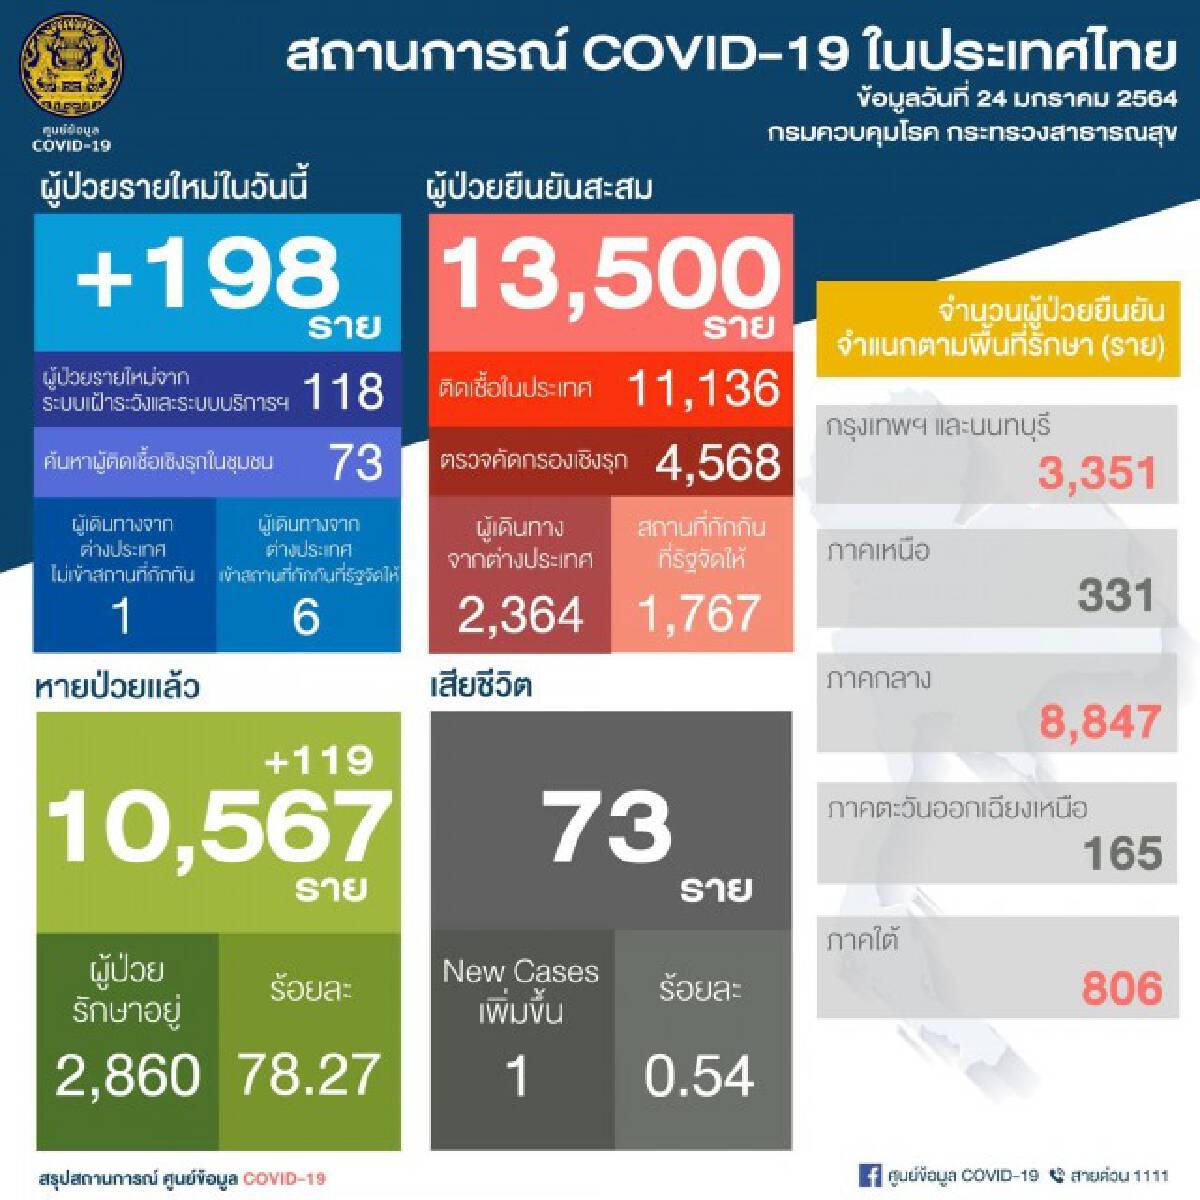 ศบค. เผยไทยพบผู้ติดเชื้อรายใหม่ 198 ราย มีผู้เสียชีวิตเพิ่ม 1 ราย